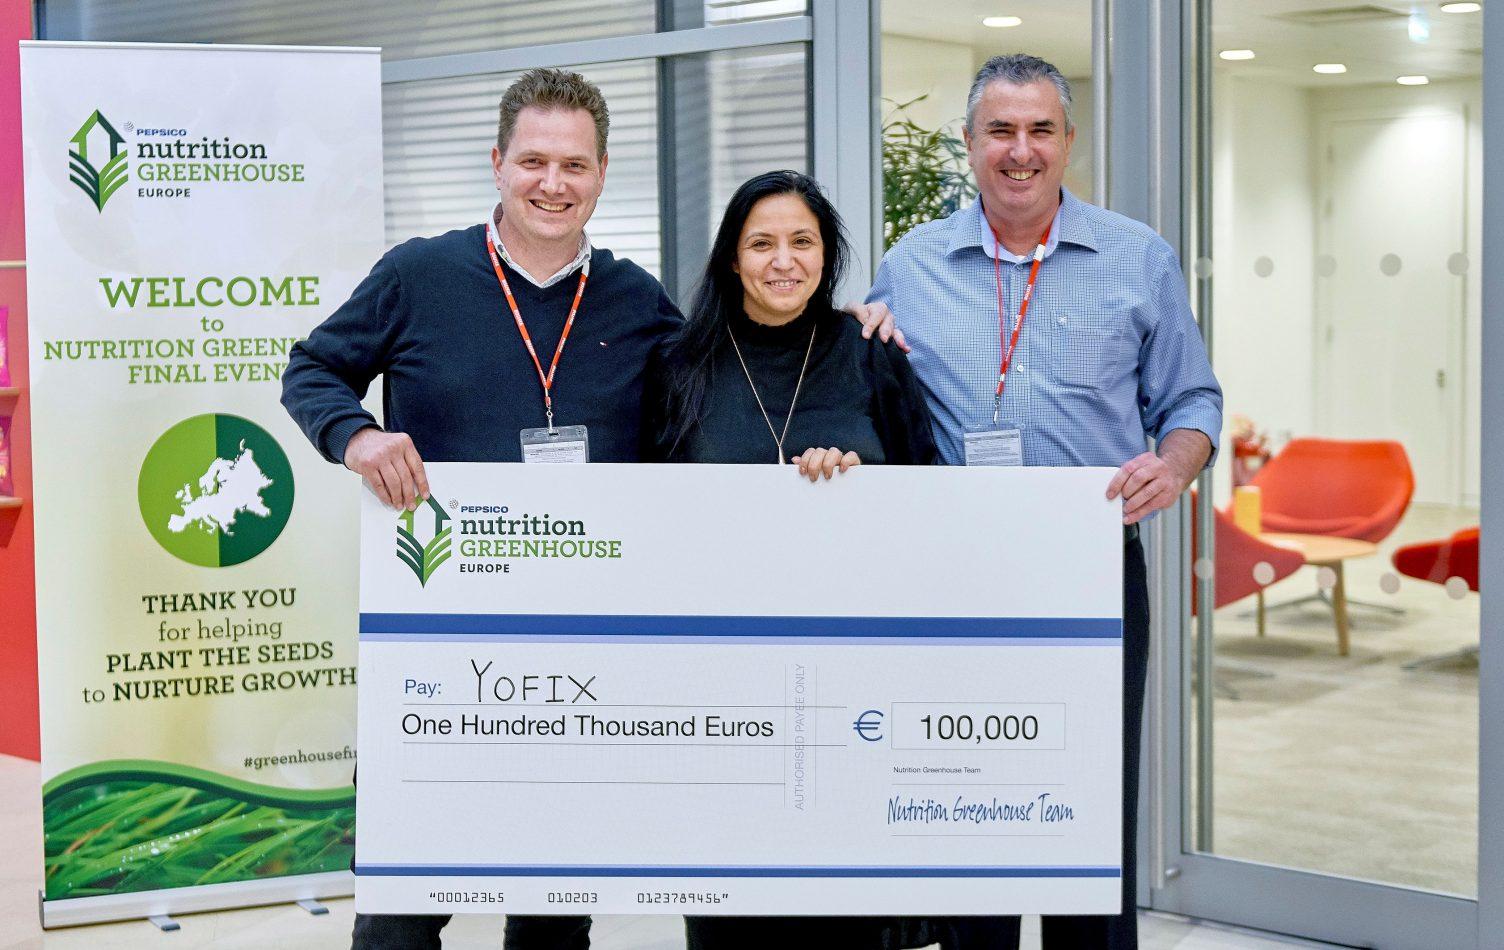 חברת  YOFIX  זכתה במקום הראשון בתחרות החדשנות